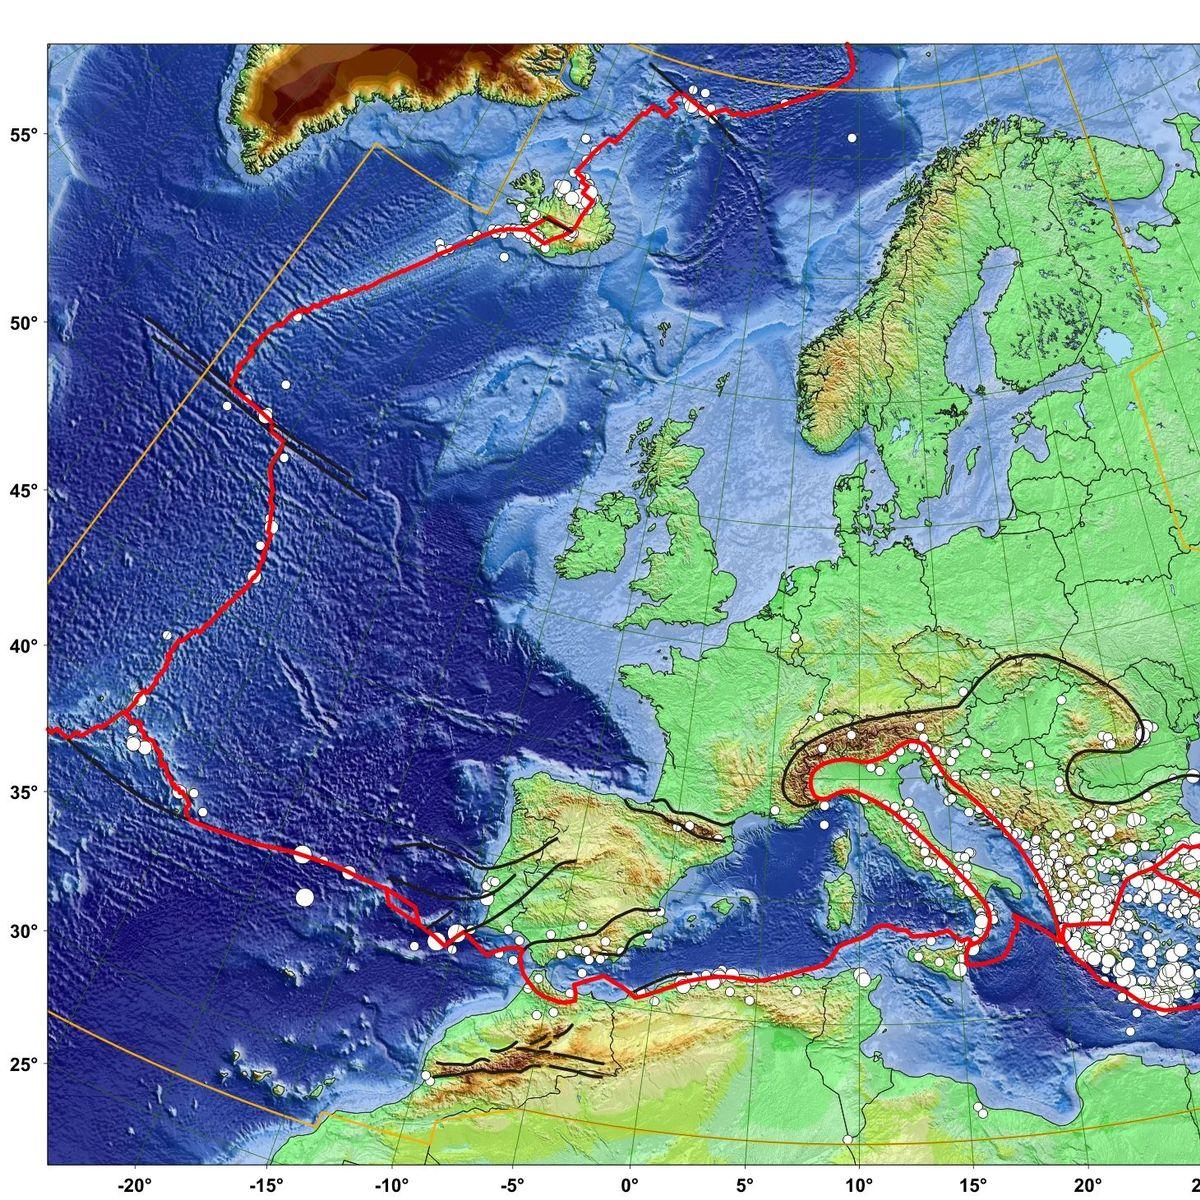 Erdbeben Karte Zeigt Erdbeben Risiko Fur Europa Und Deutschland